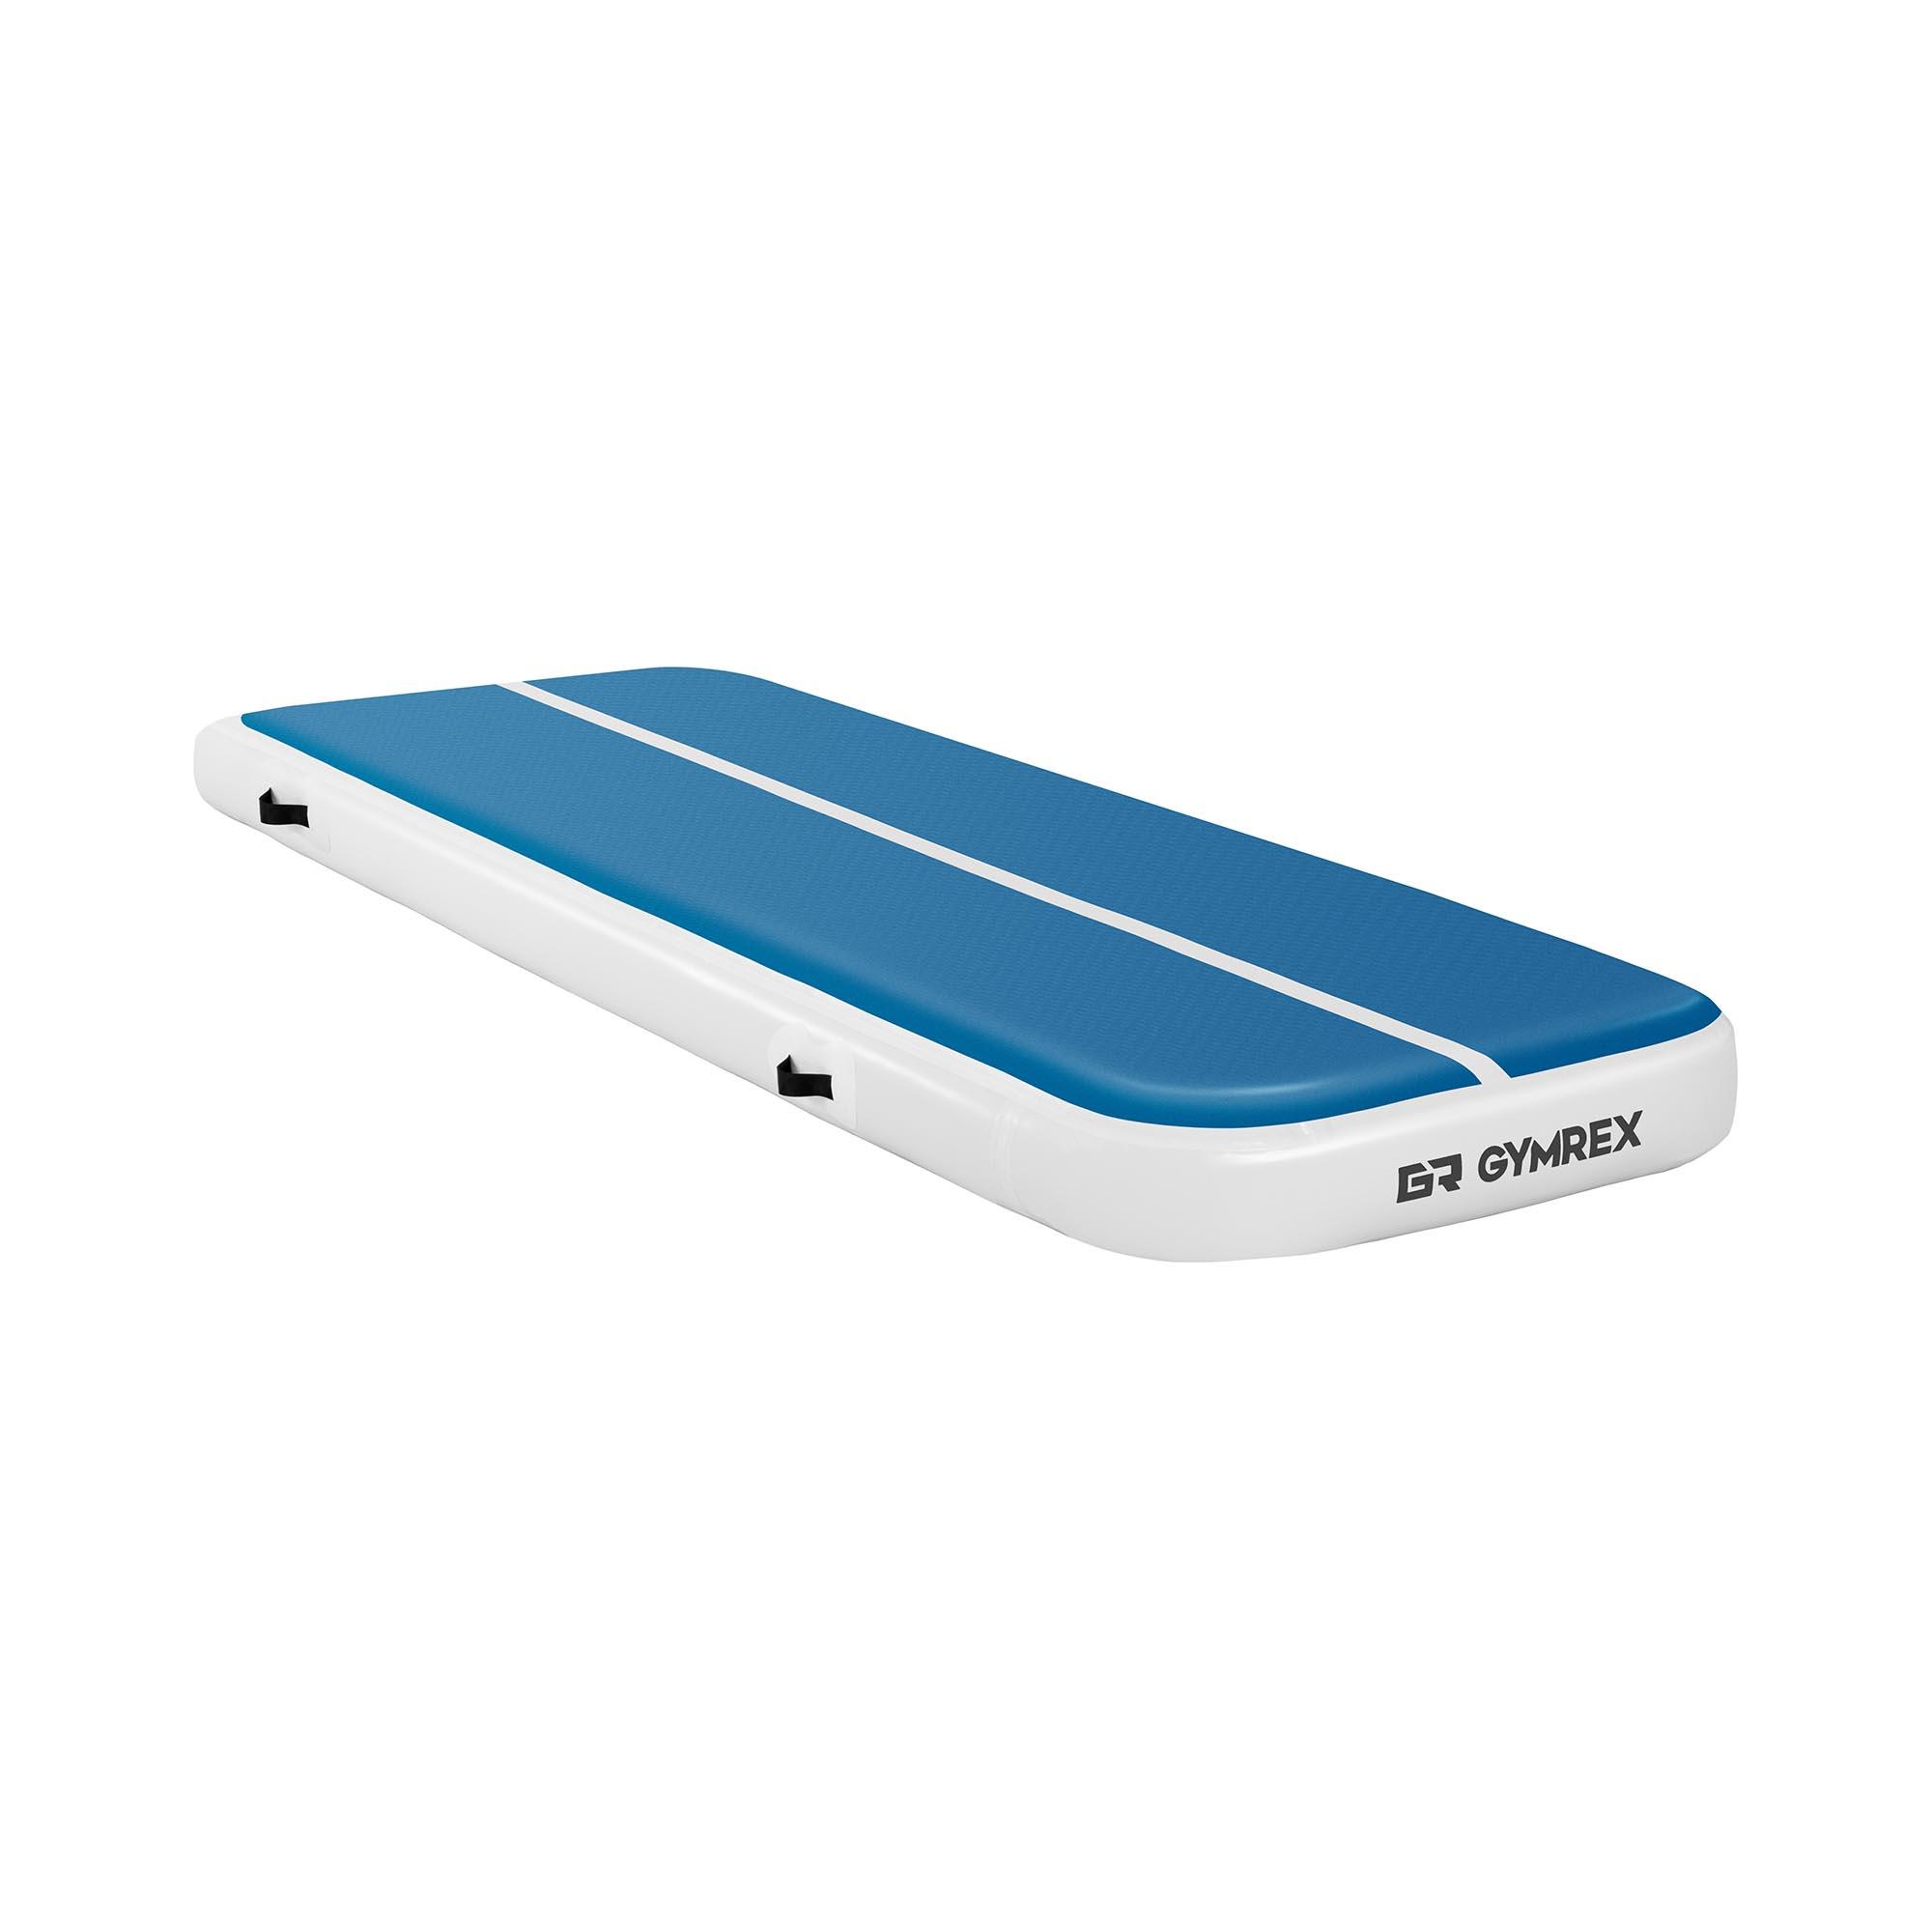 Gymrex Aufblasbare Turnmatte - Airtrick - 300 x 100 x 20 cm - 150 kg - blau/weiß GR-ATM4